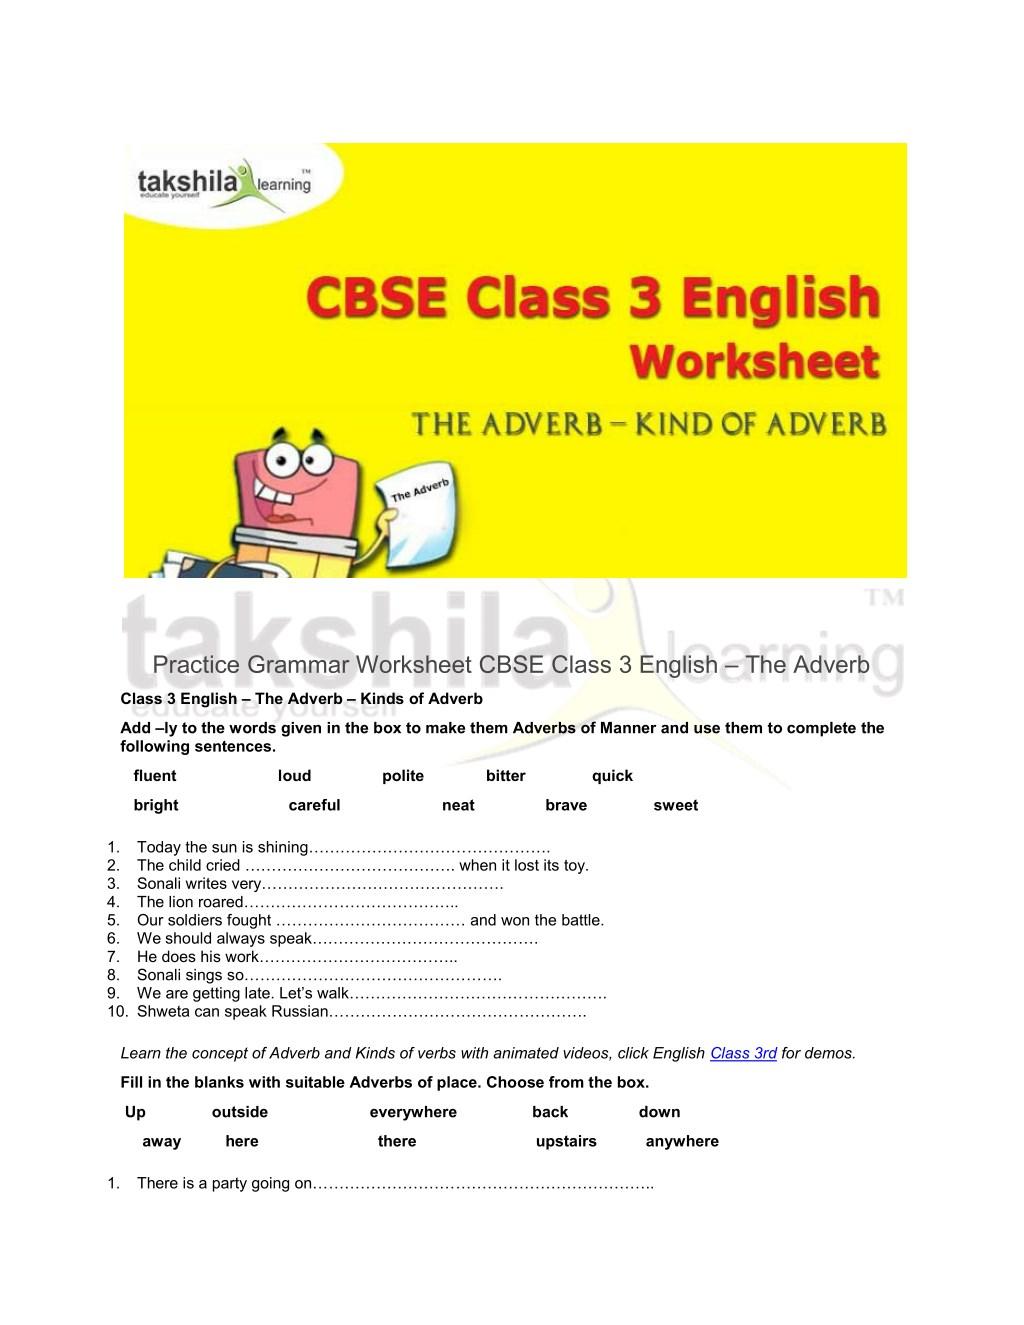 Grammar Worksheet For Class 3